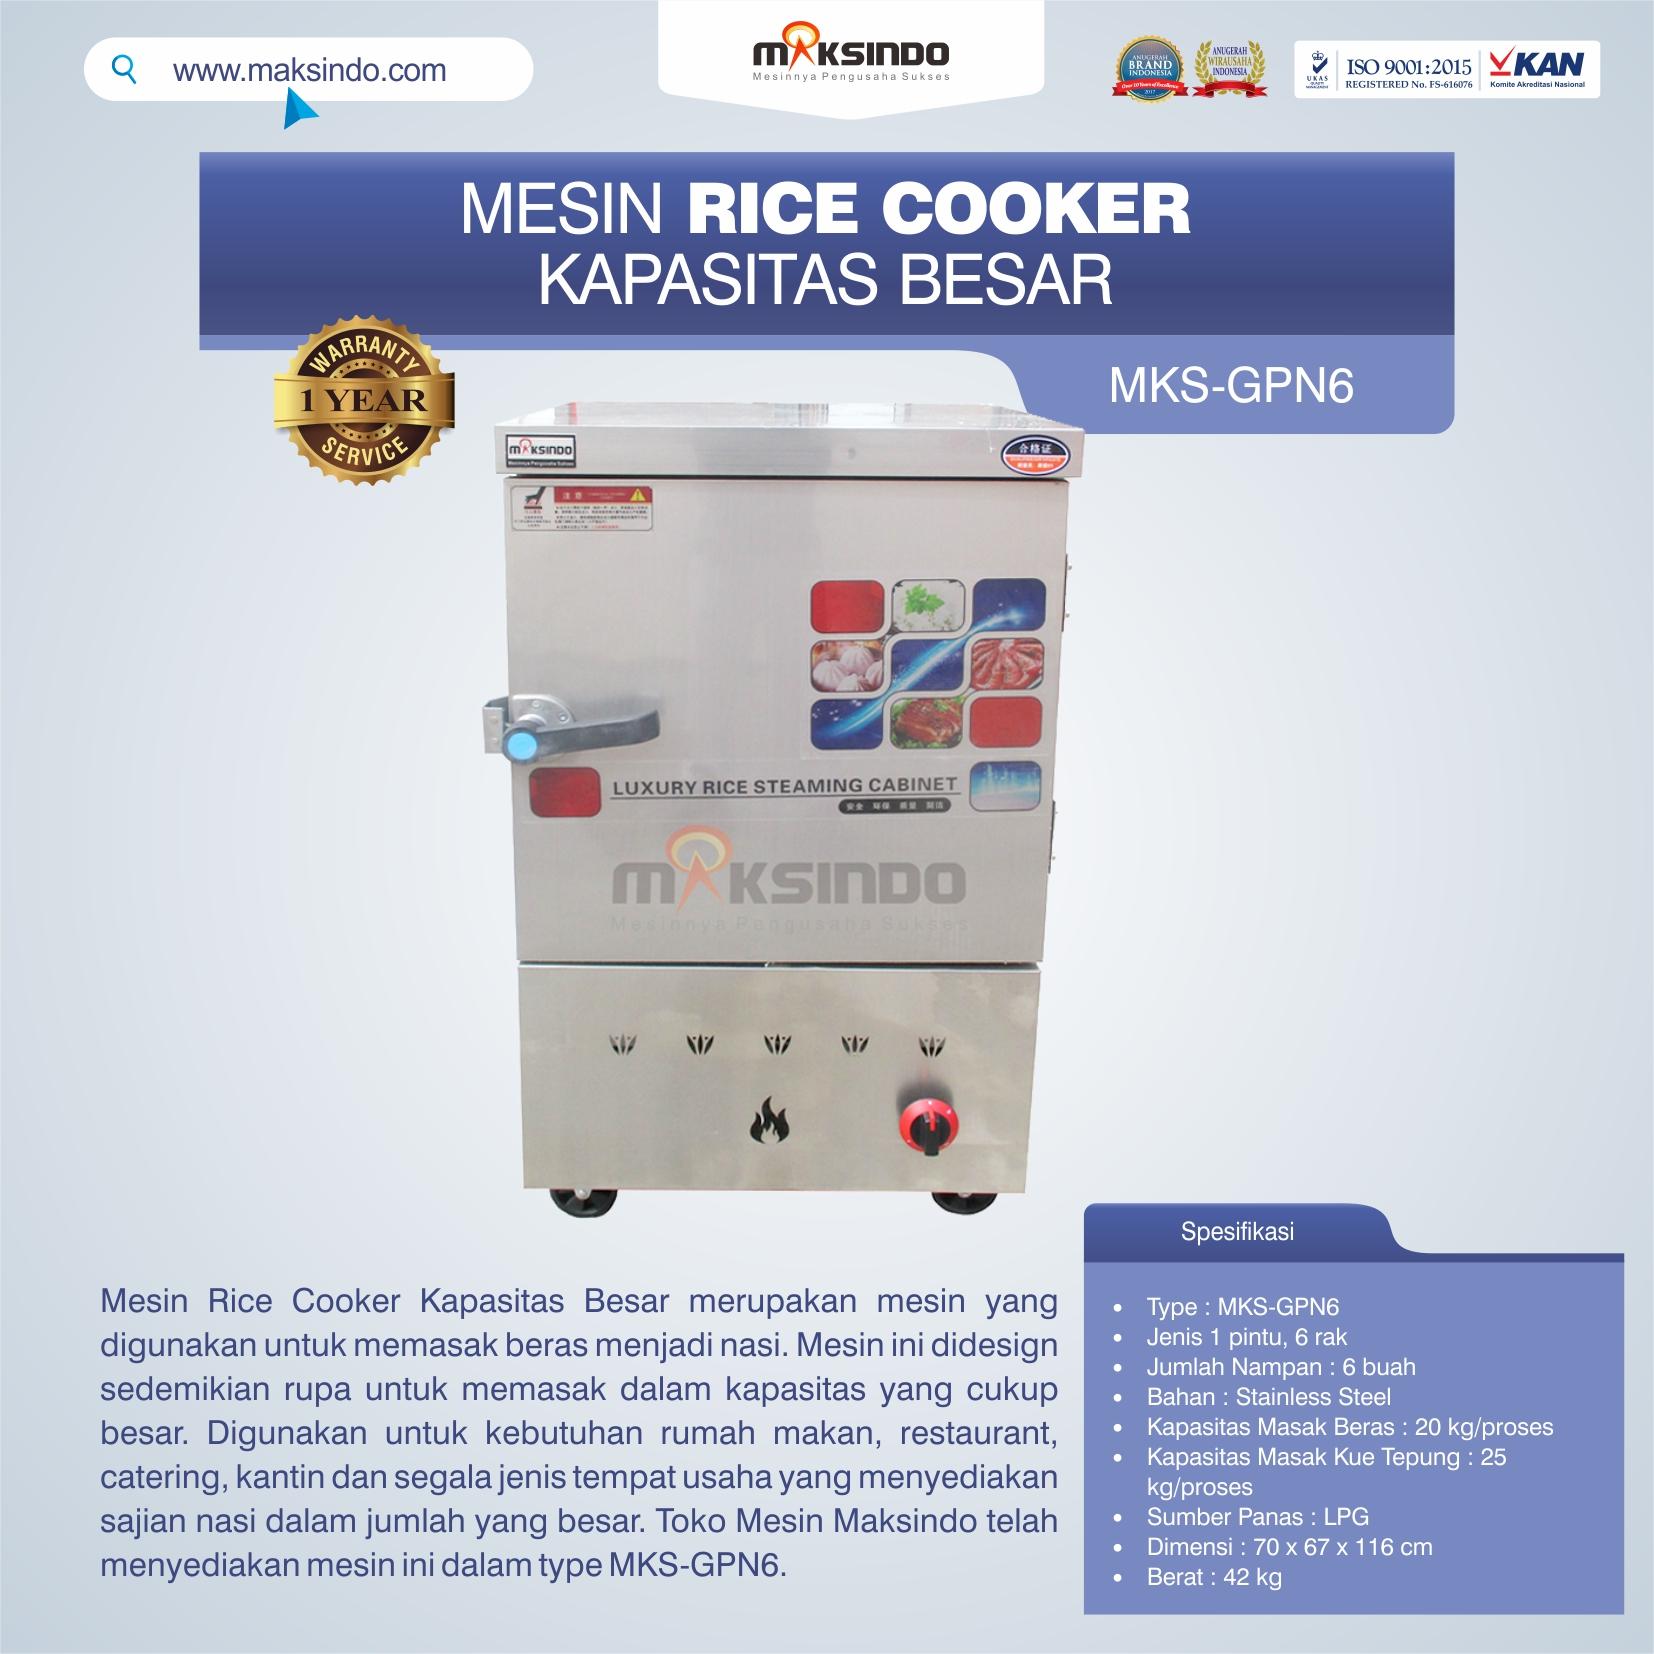 Jual Mesin Rice Cooker Kapasitas Besar MKS-GPN6 di Banjarmasin